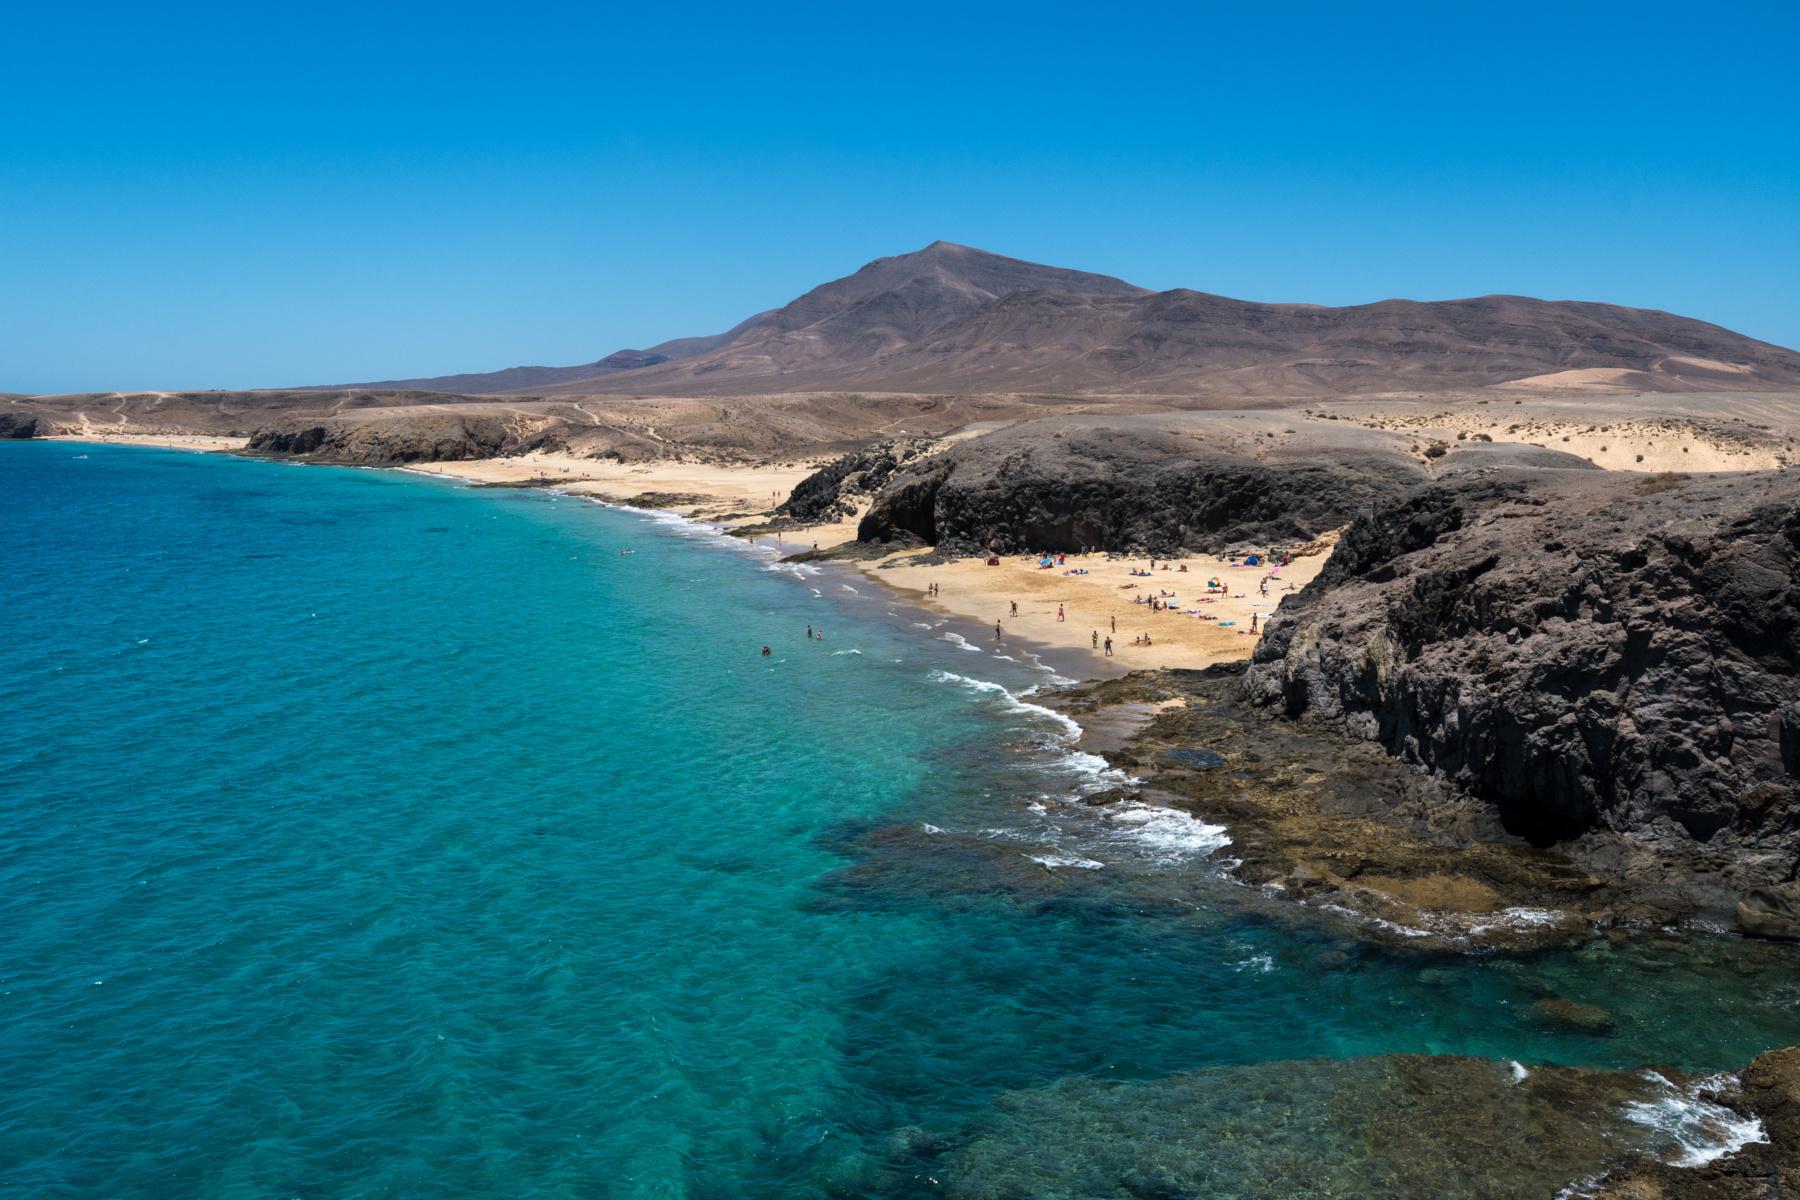 Turismo Lanzarote aplaude la elección de Papagayo como mejor playa de España por los lectores de Condé Nast Traveler